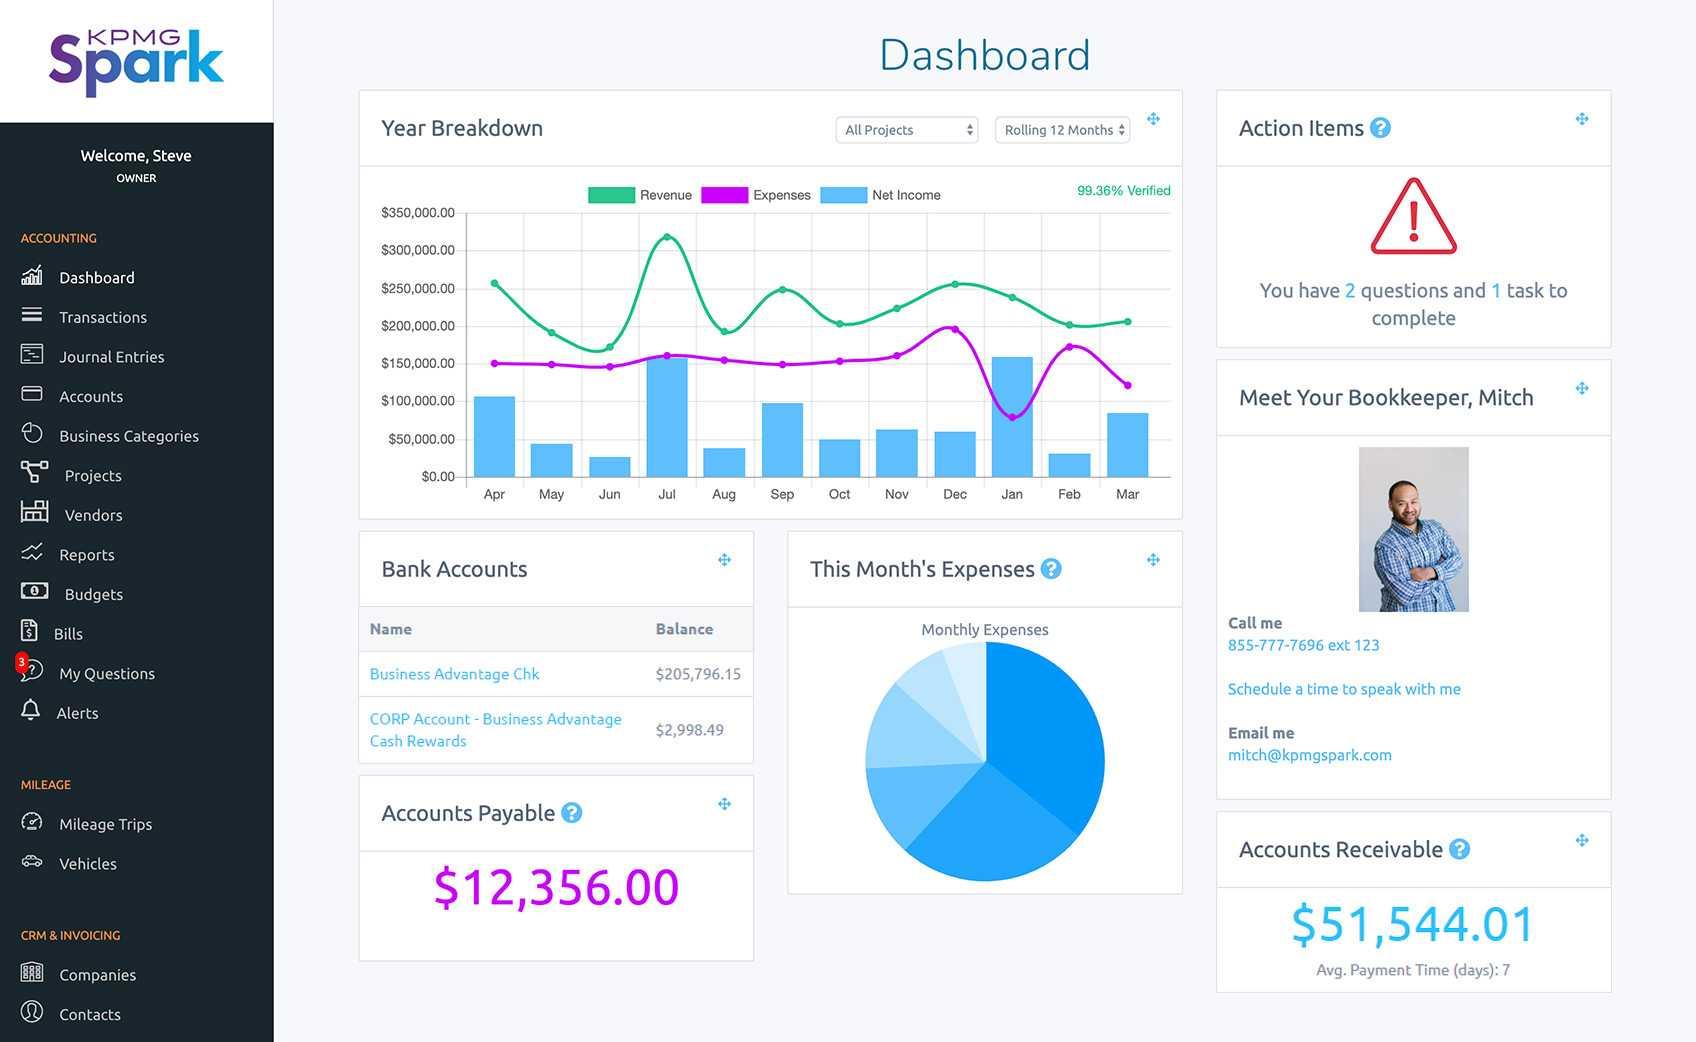 screenshot showing the main dashboard in KPMG Spark Software